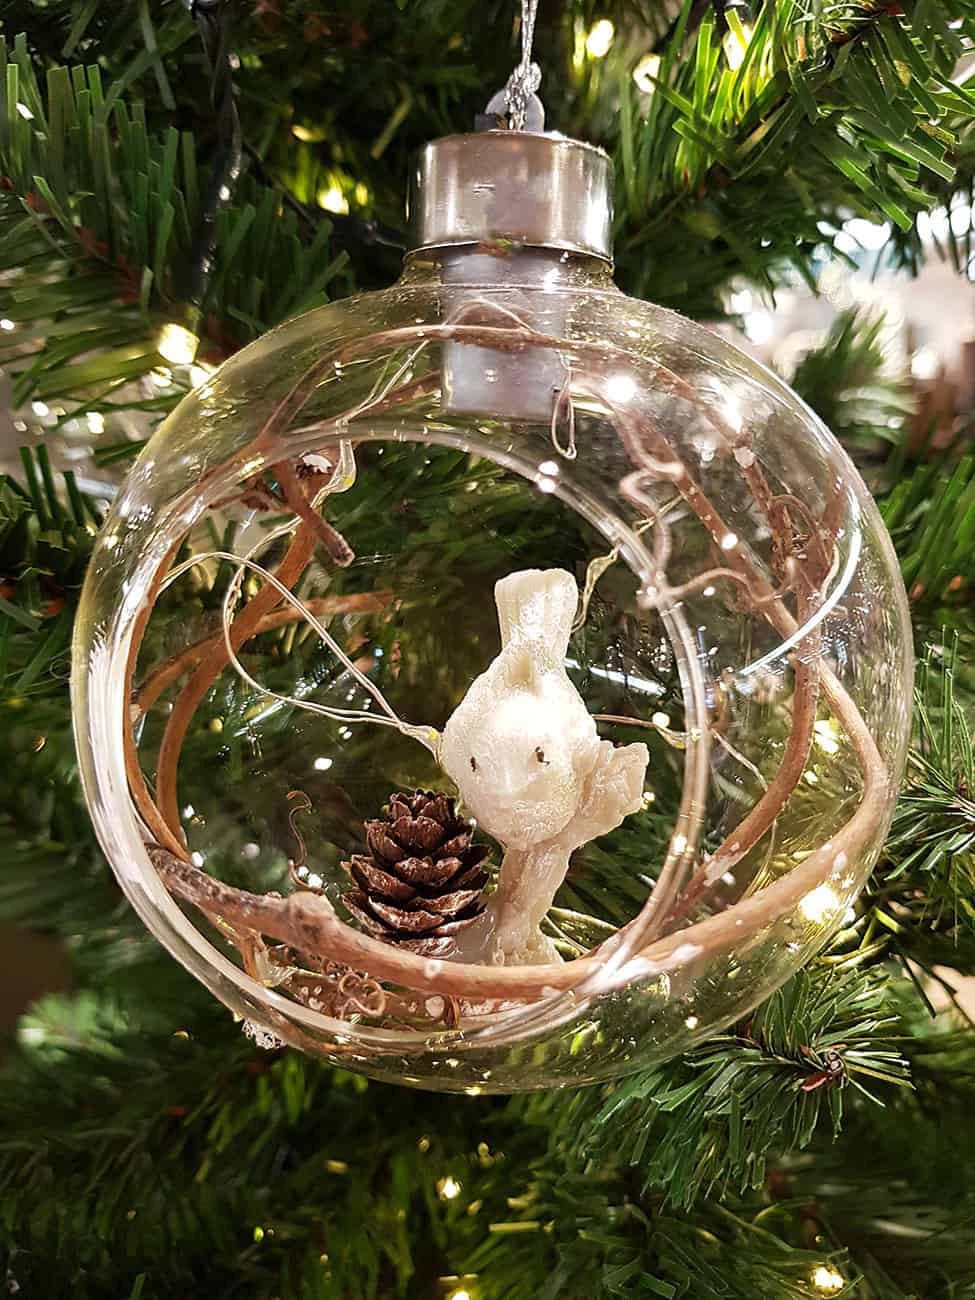 Weihnachtskugeln villeroy boch f r die sinnliche weihnachtszeit - Durchsichtige weihnachtskugeln ...